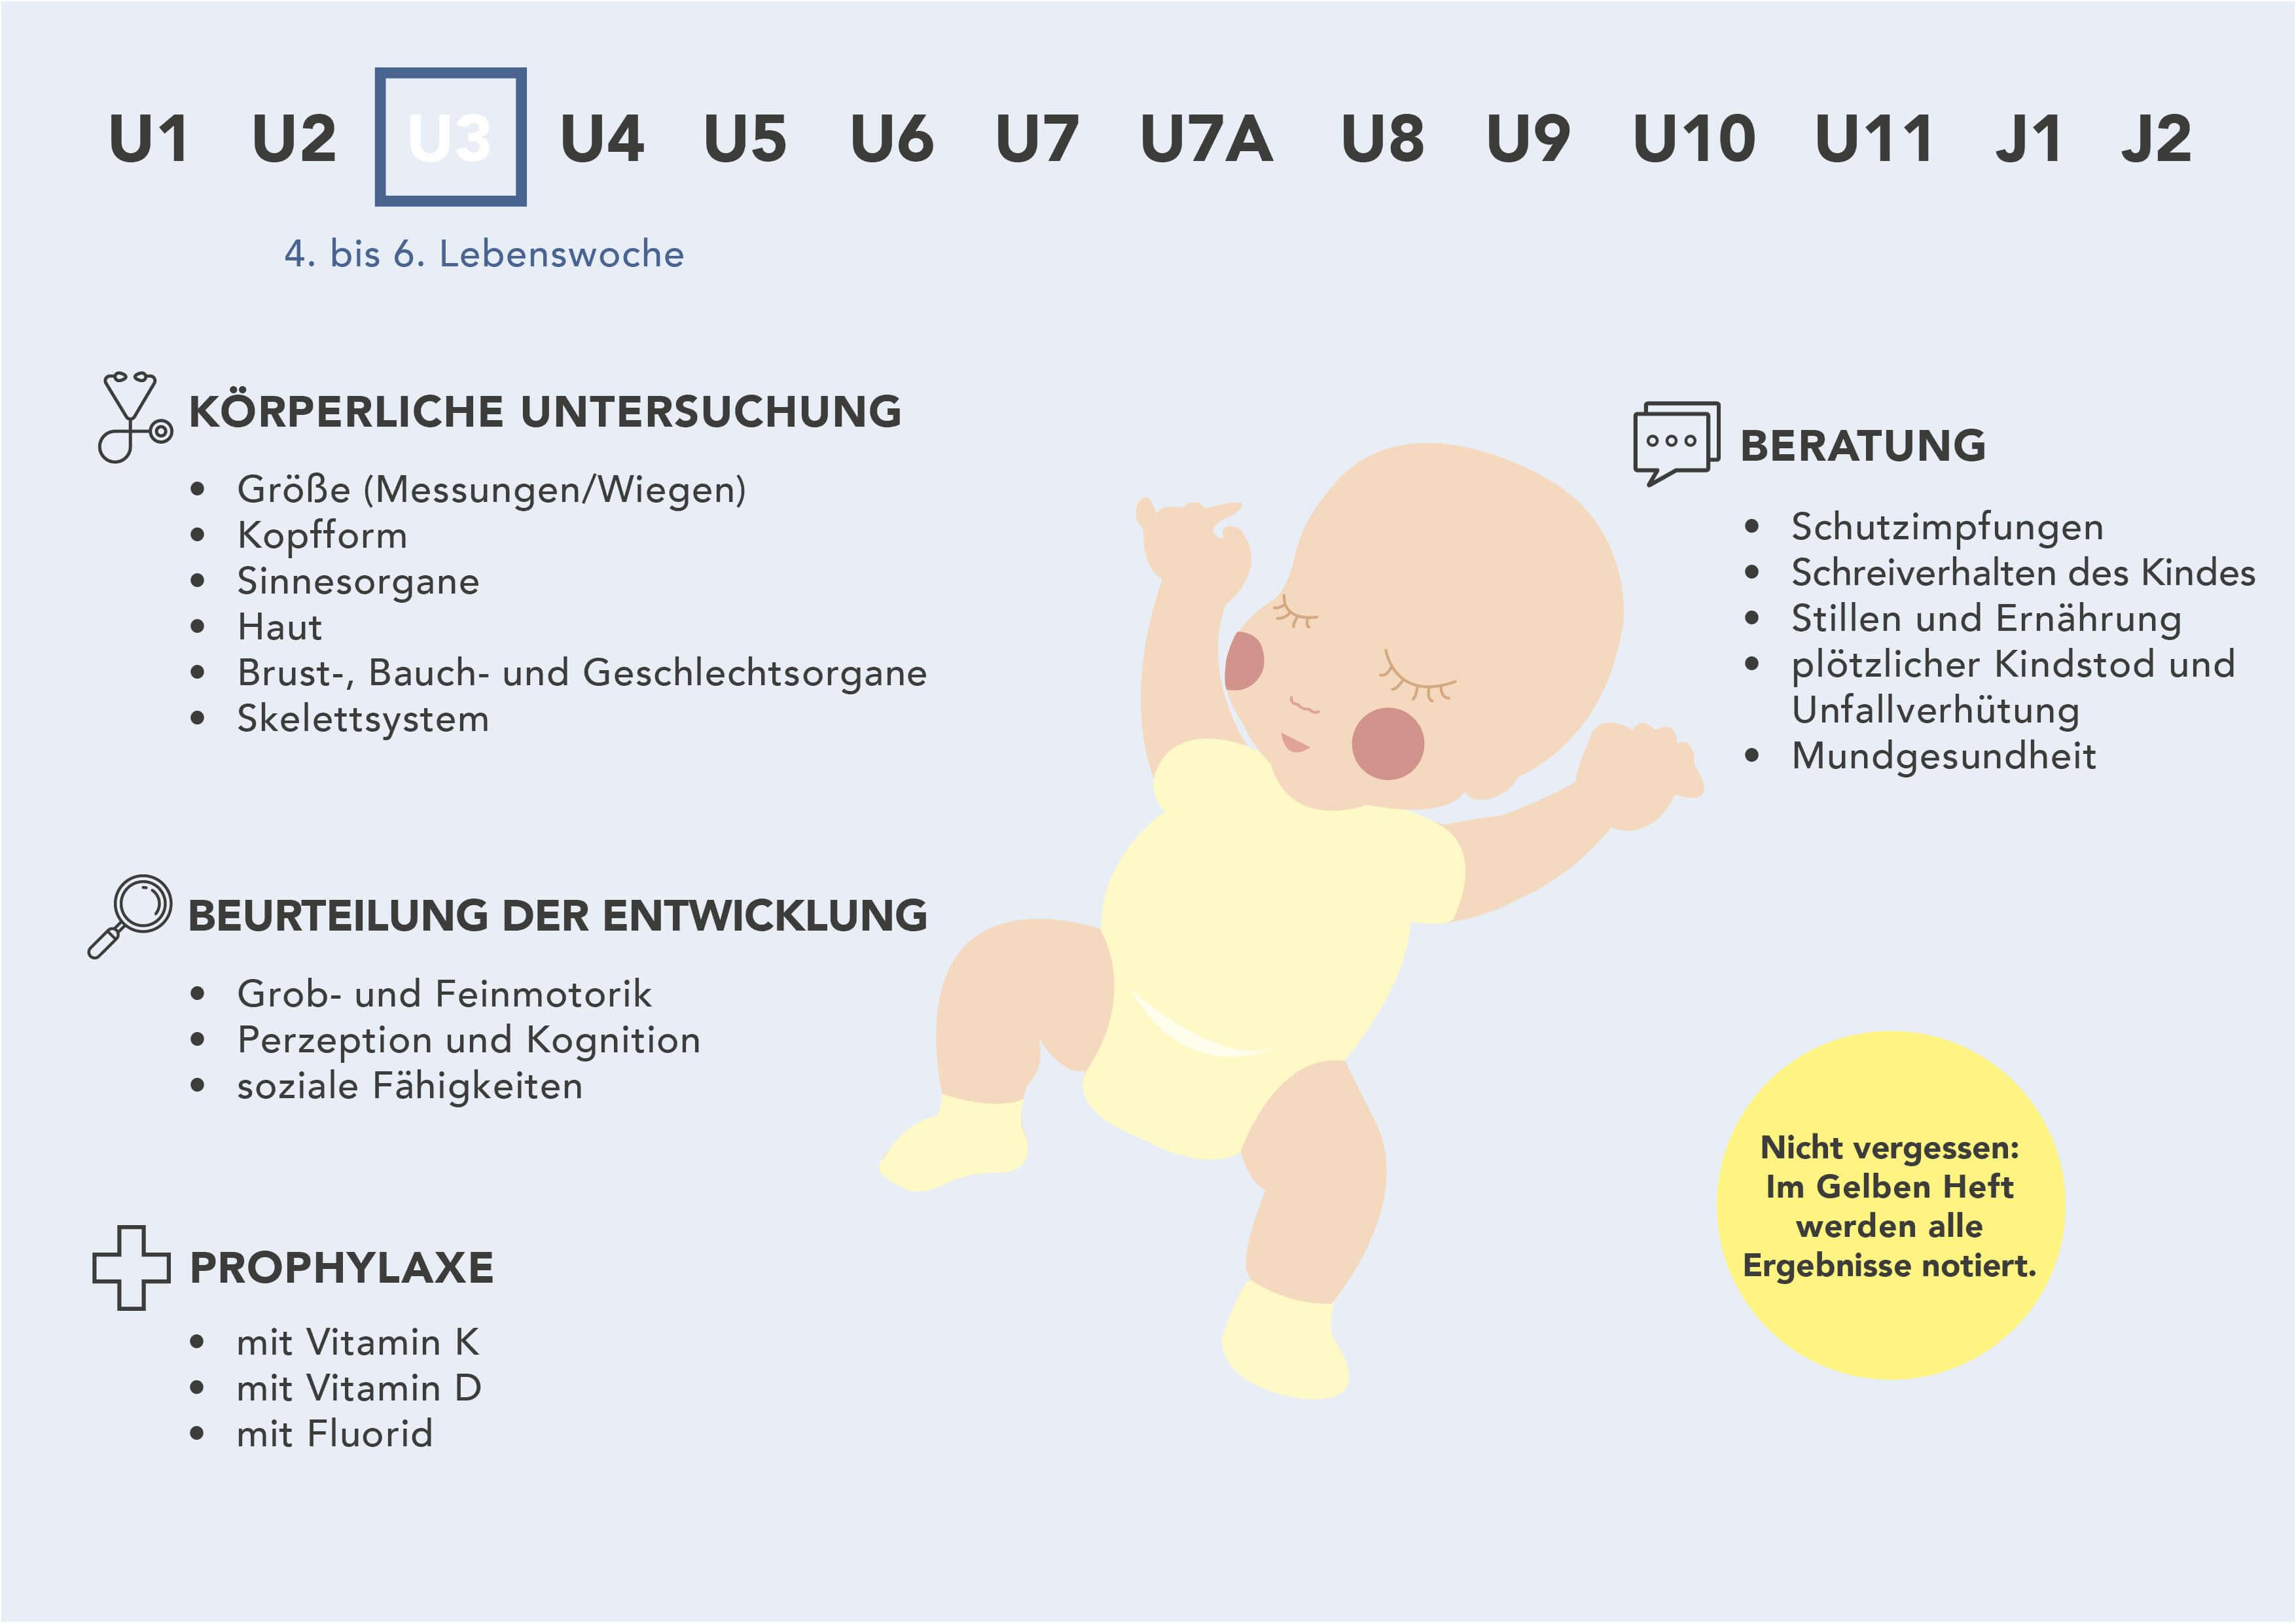 Fakten zur U3-Untersuchung - Grafische Darstellung